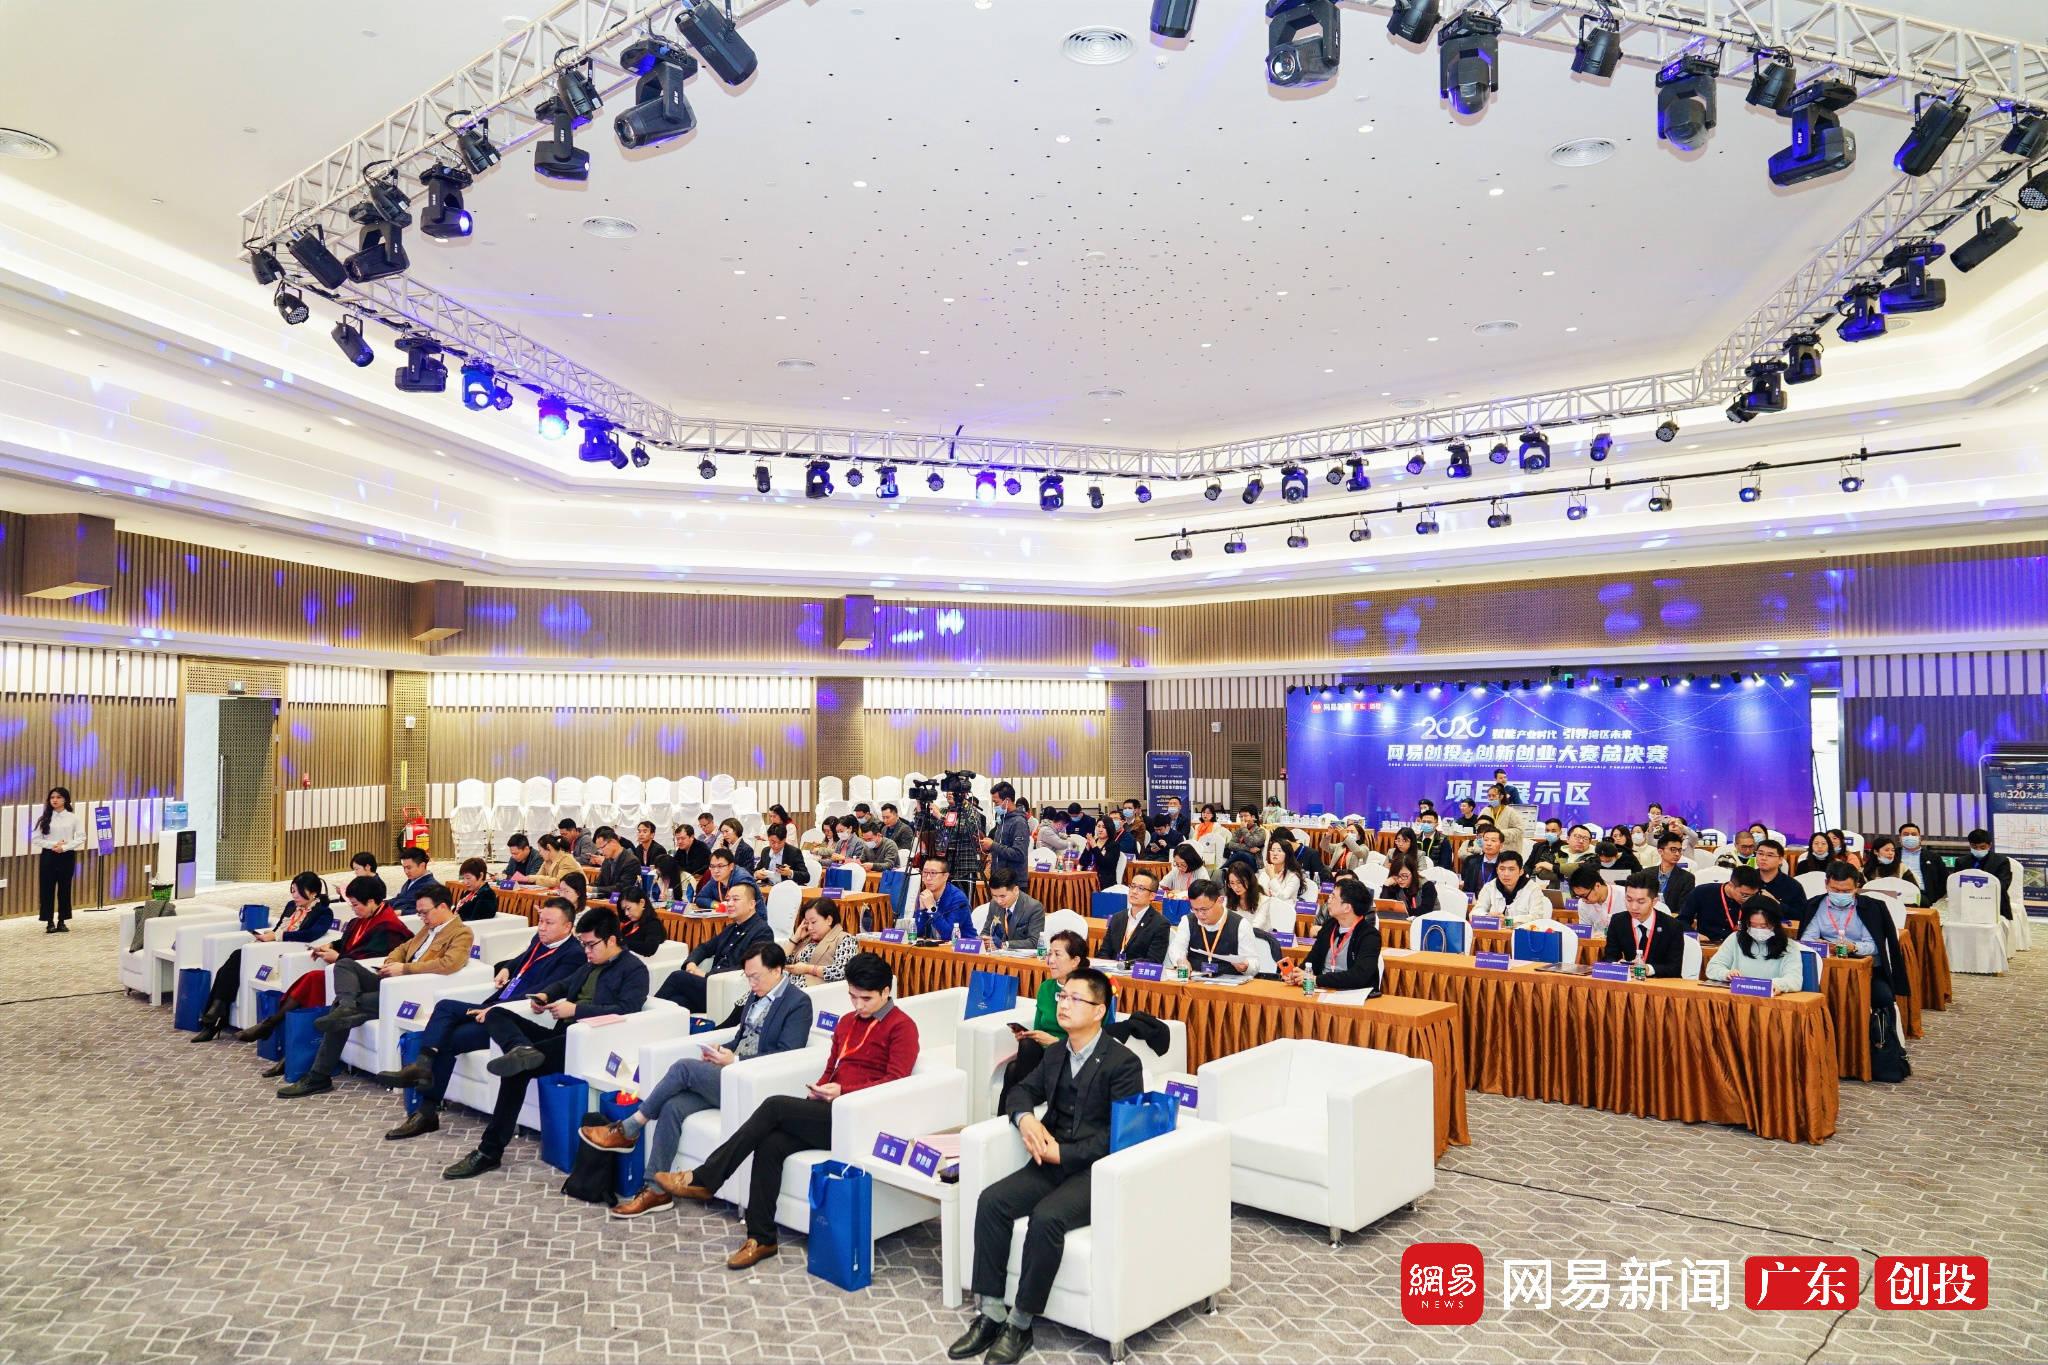 嘉泰智能夺得2020网易创投+创新创业大赛总决赛亚军